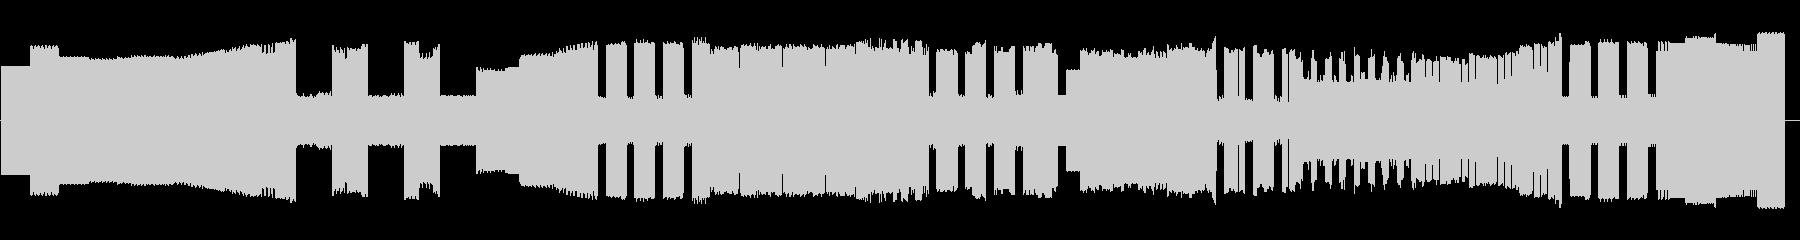 ヴィヴァルディ「冬」第1楽章8bitの未再生の波形